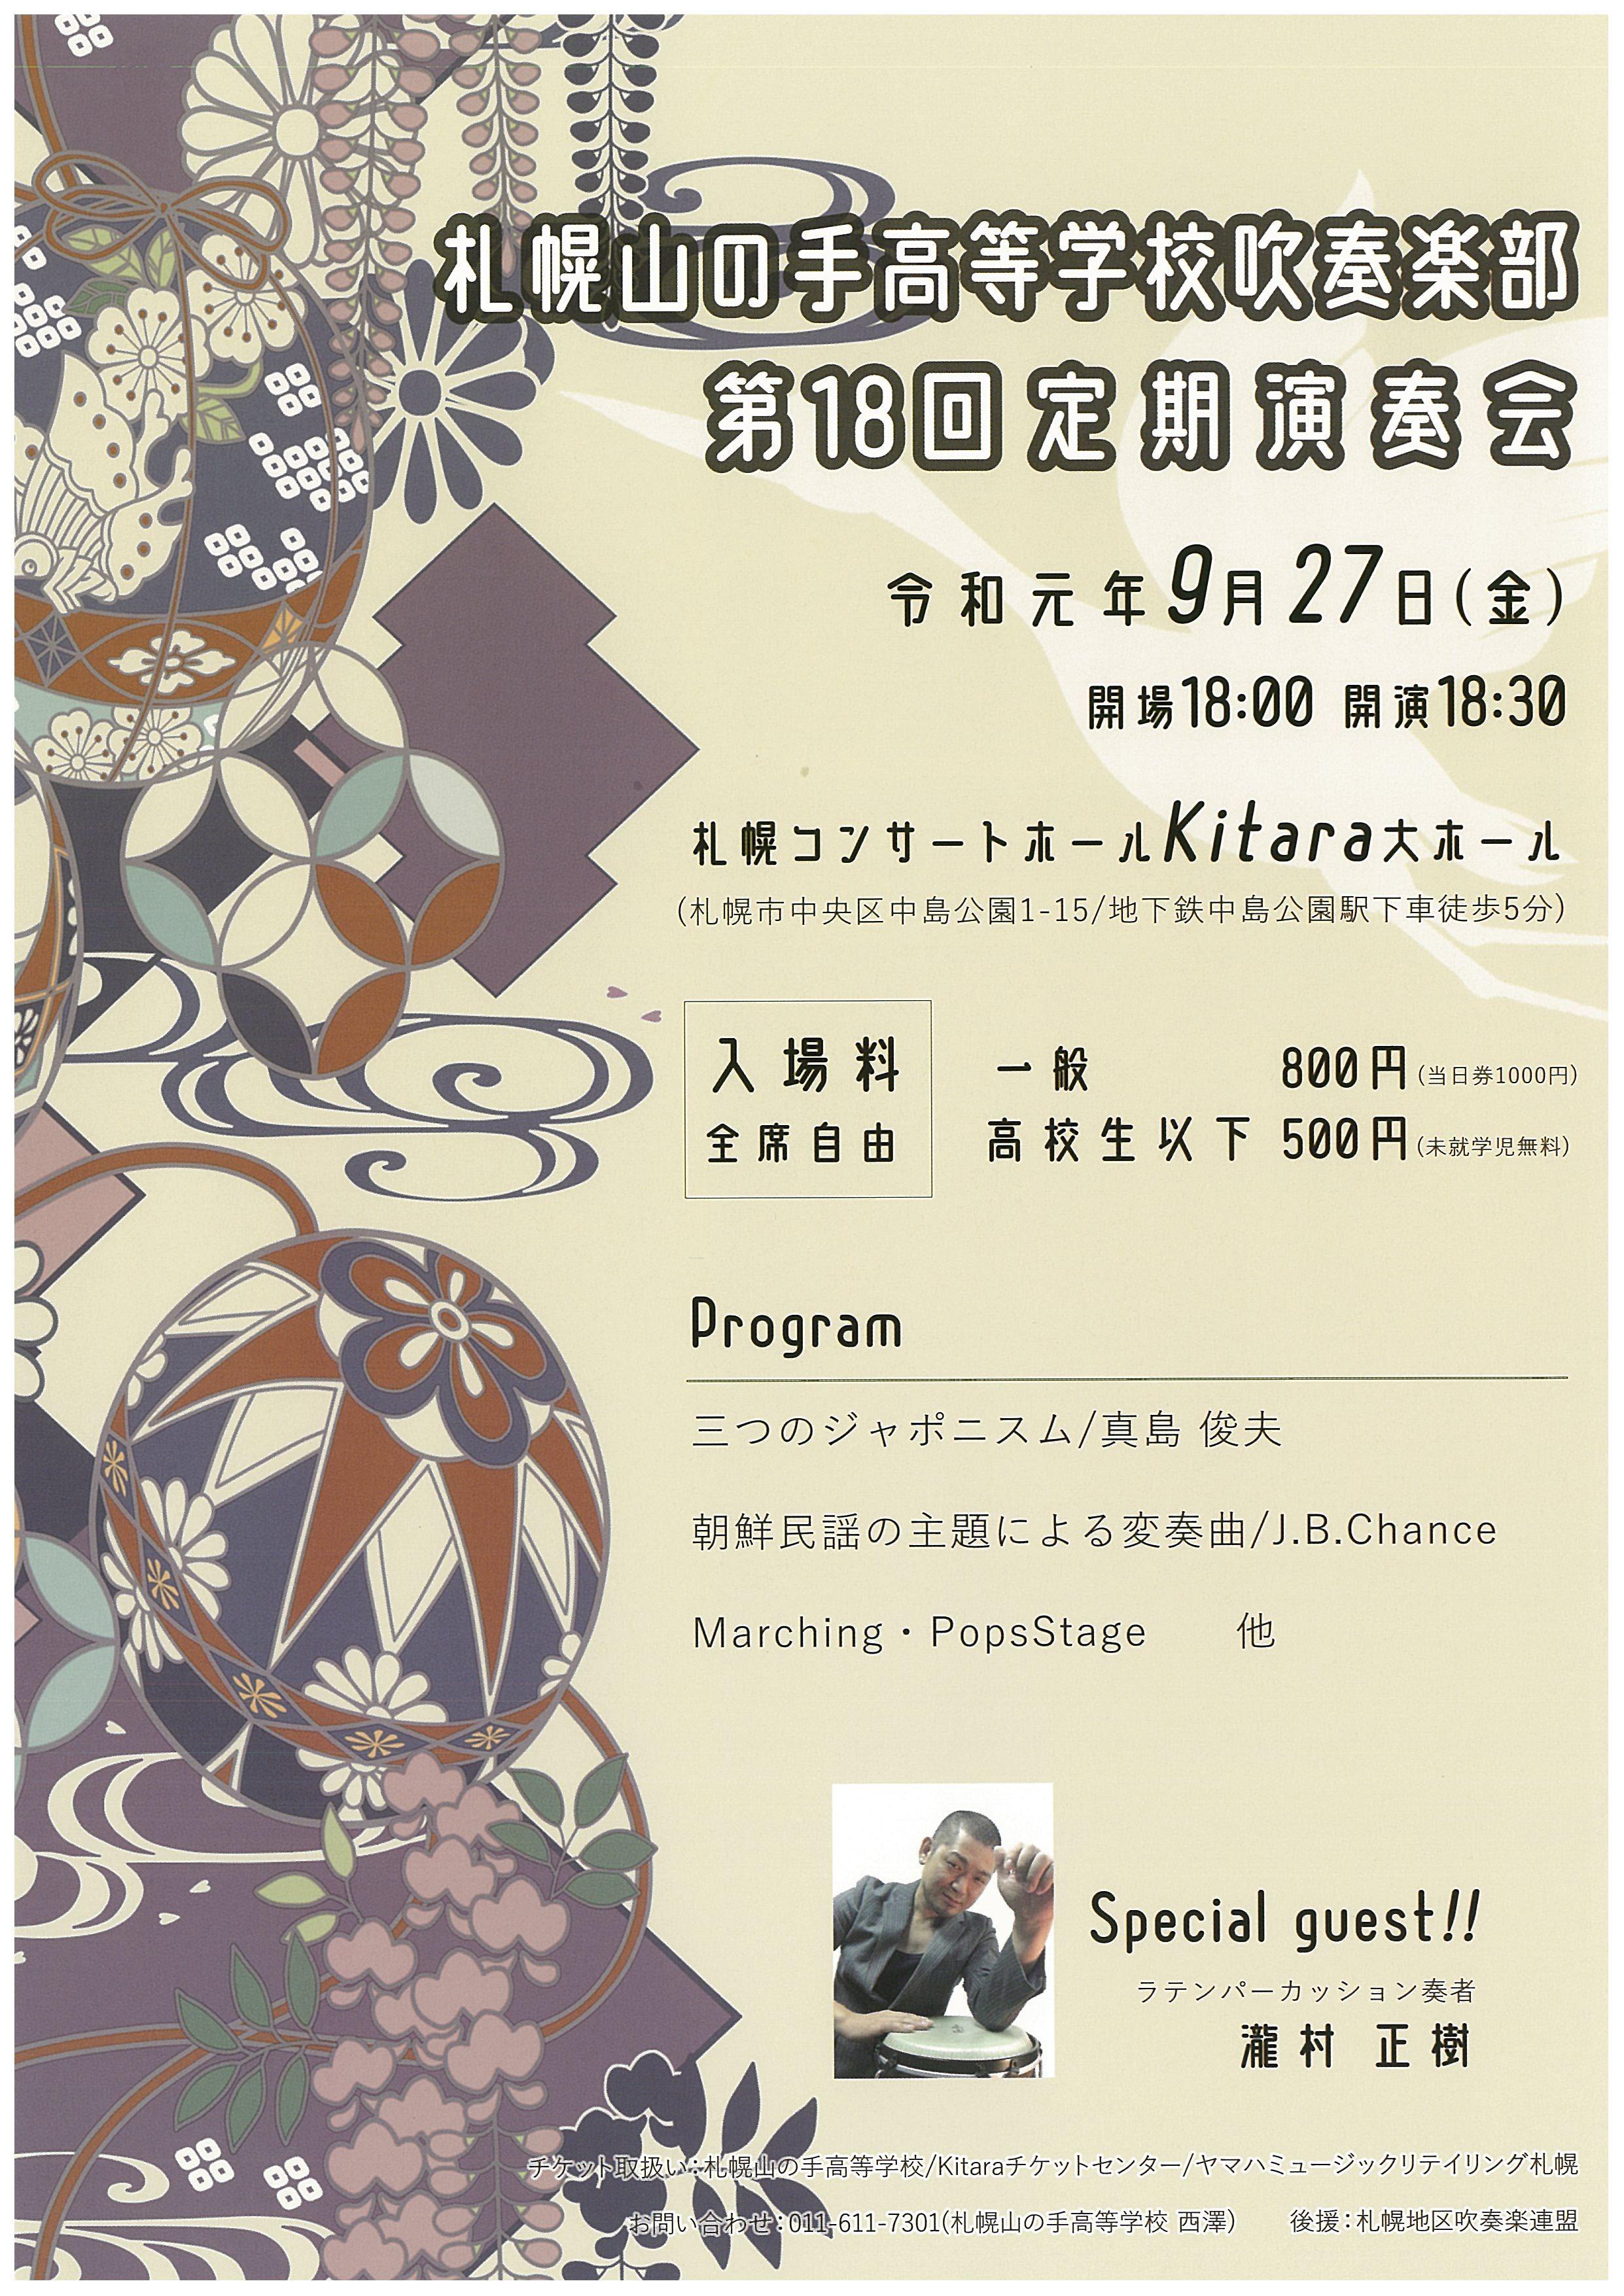 札幌山の手高等学校吹奏楽部  第18回 定期演奏会 イメージ画像